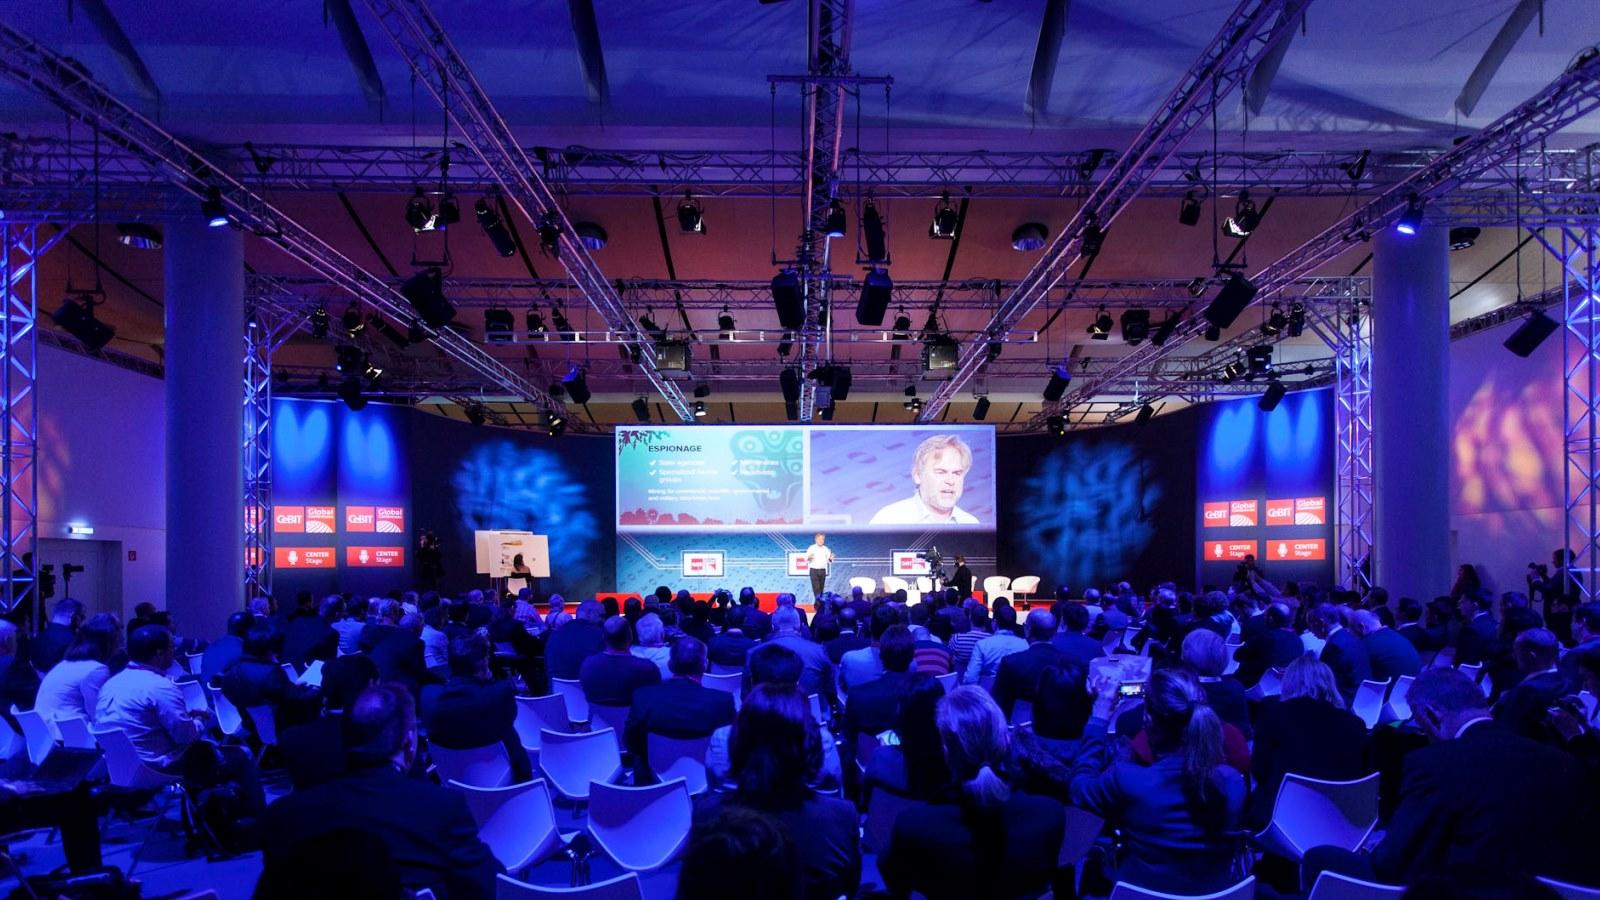 6006d31ab35a9_001-cebit-global-conferences-h8